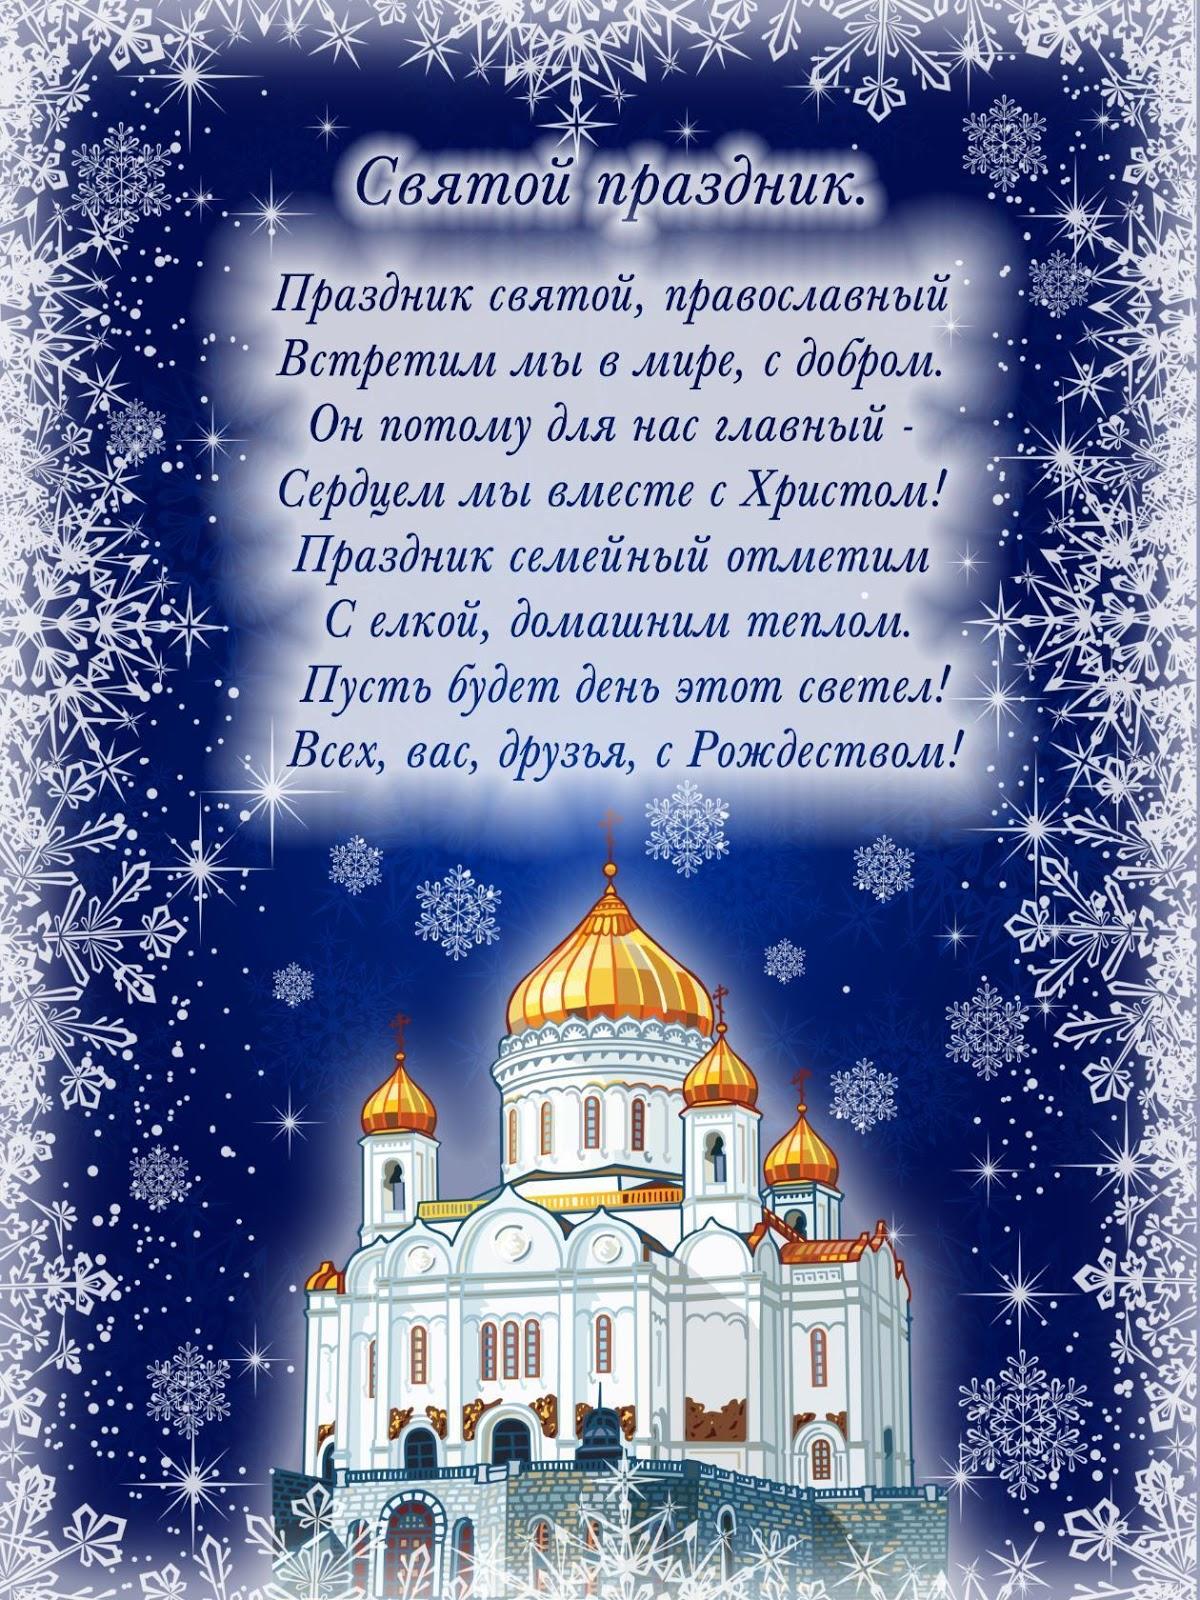 Поздравления с днем рождения мужчине по грузина